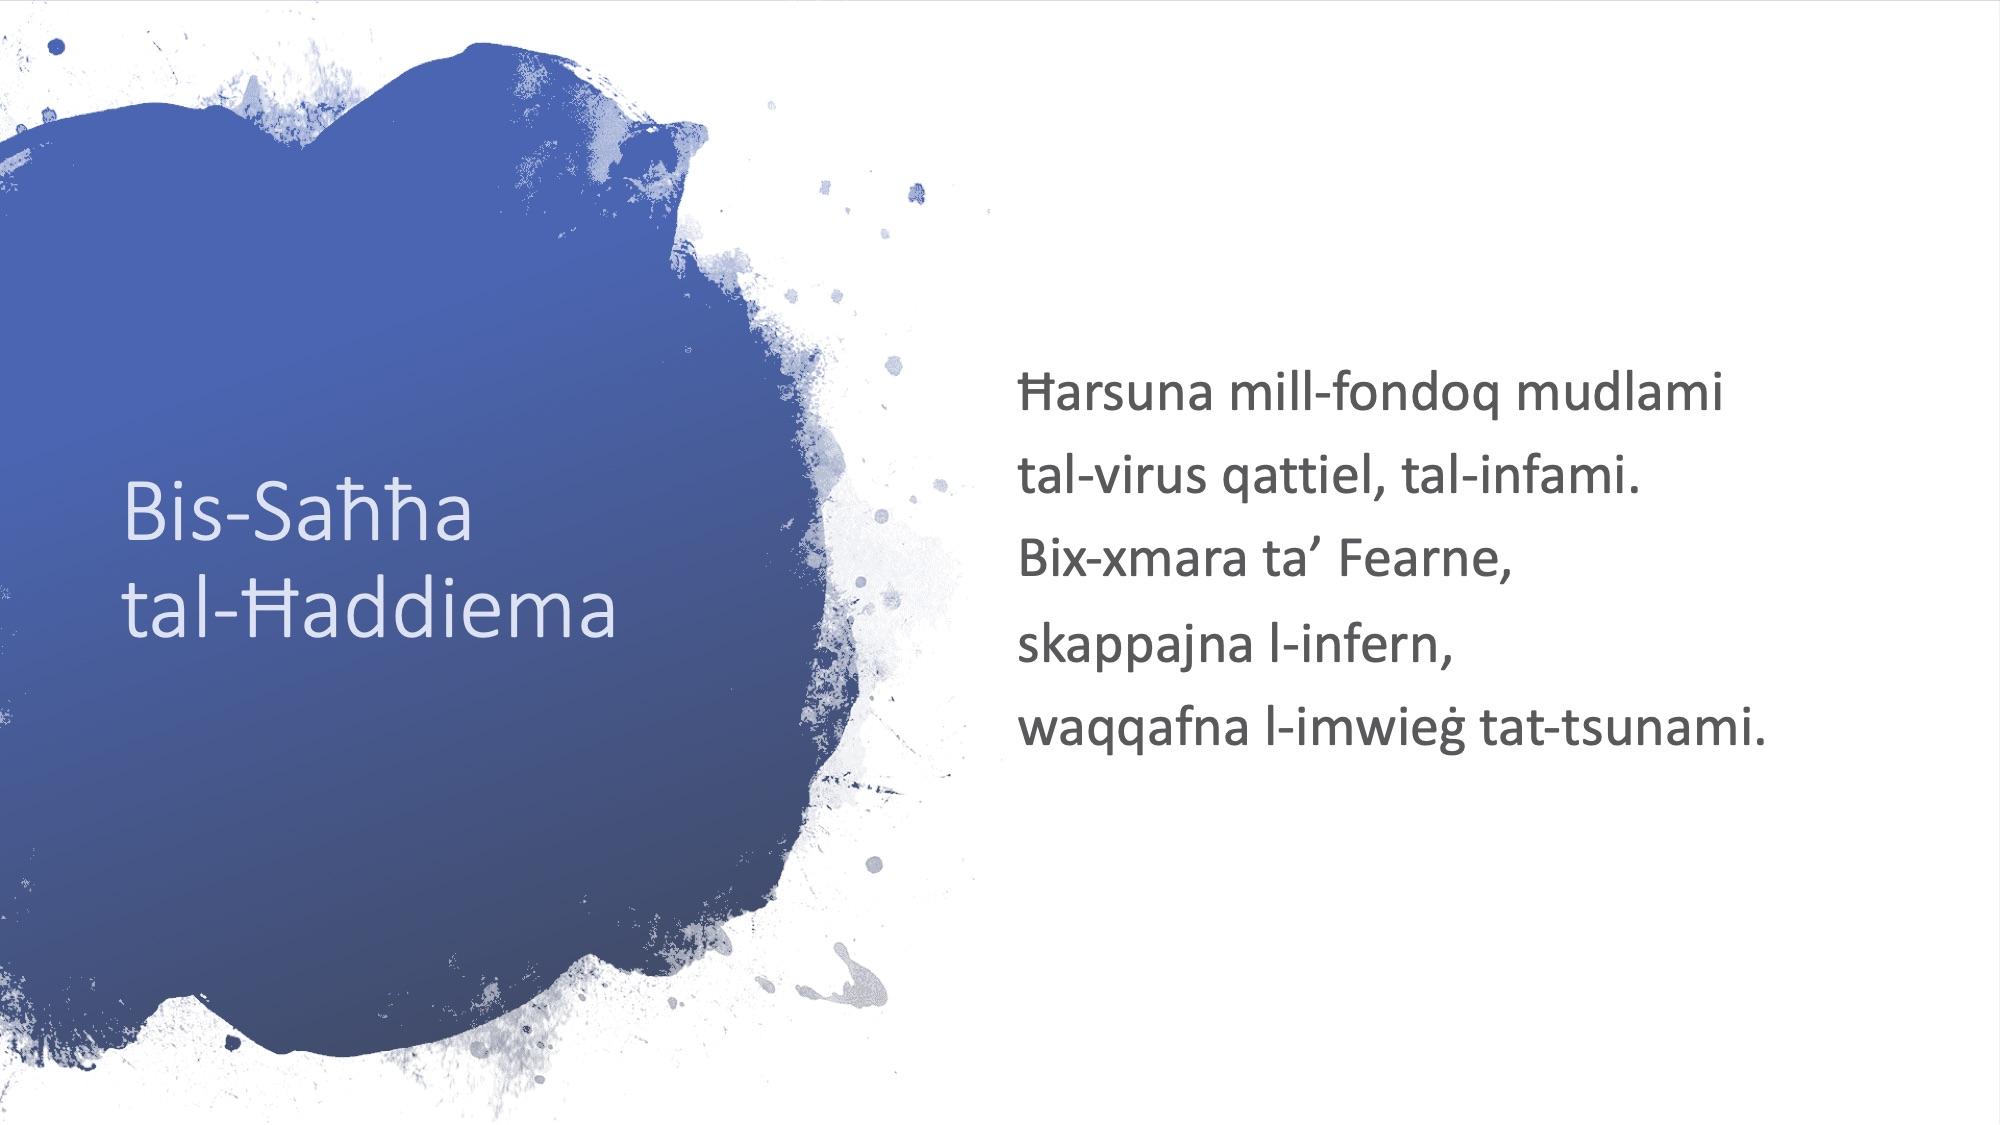 Il-Limerikki tal-Covid-19 - Bis-Saħħa tal-Ħaddiema - 2